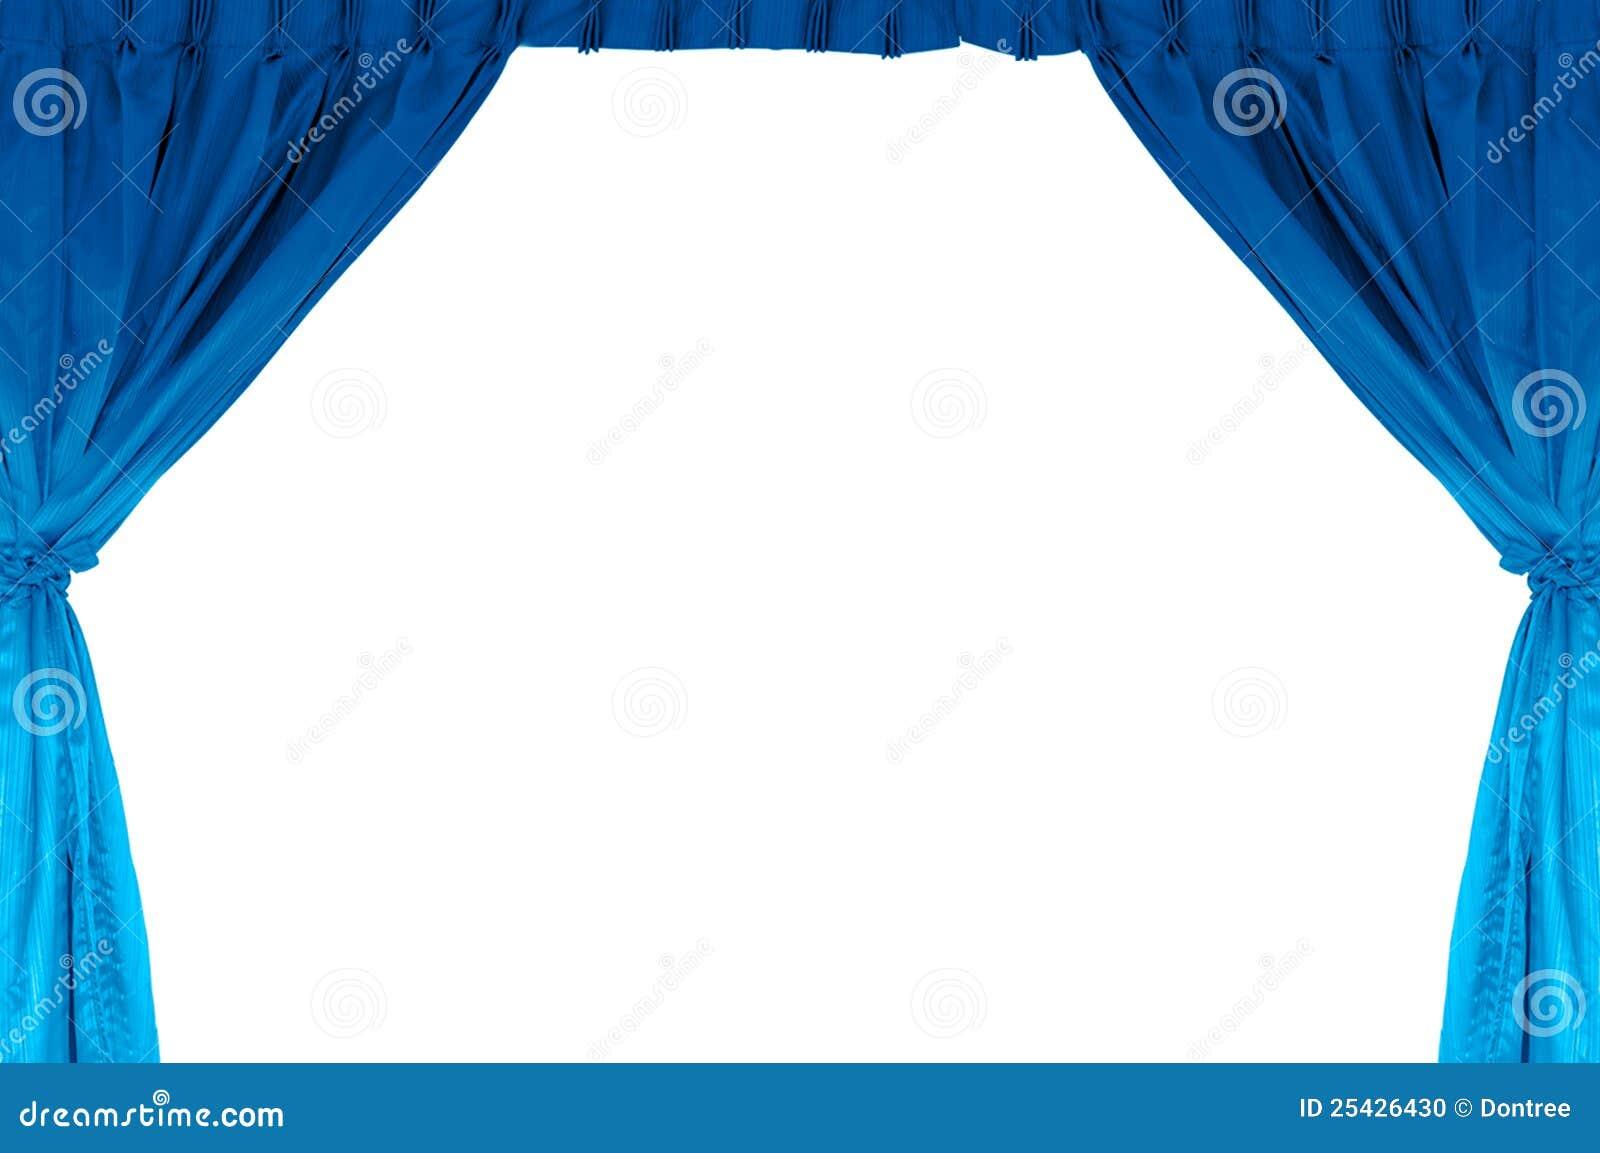 Het stadium van het theater met blauw gordijn